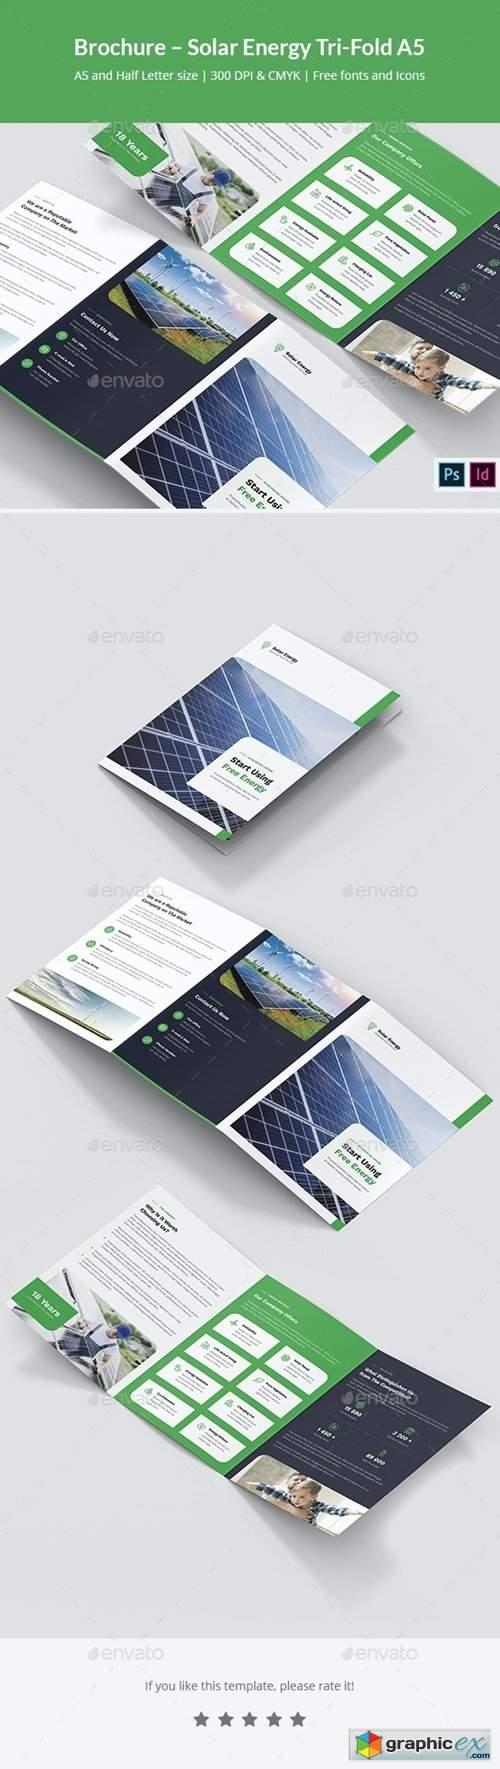 Brochure – Solar Energy Tri-Fold A5 29137838